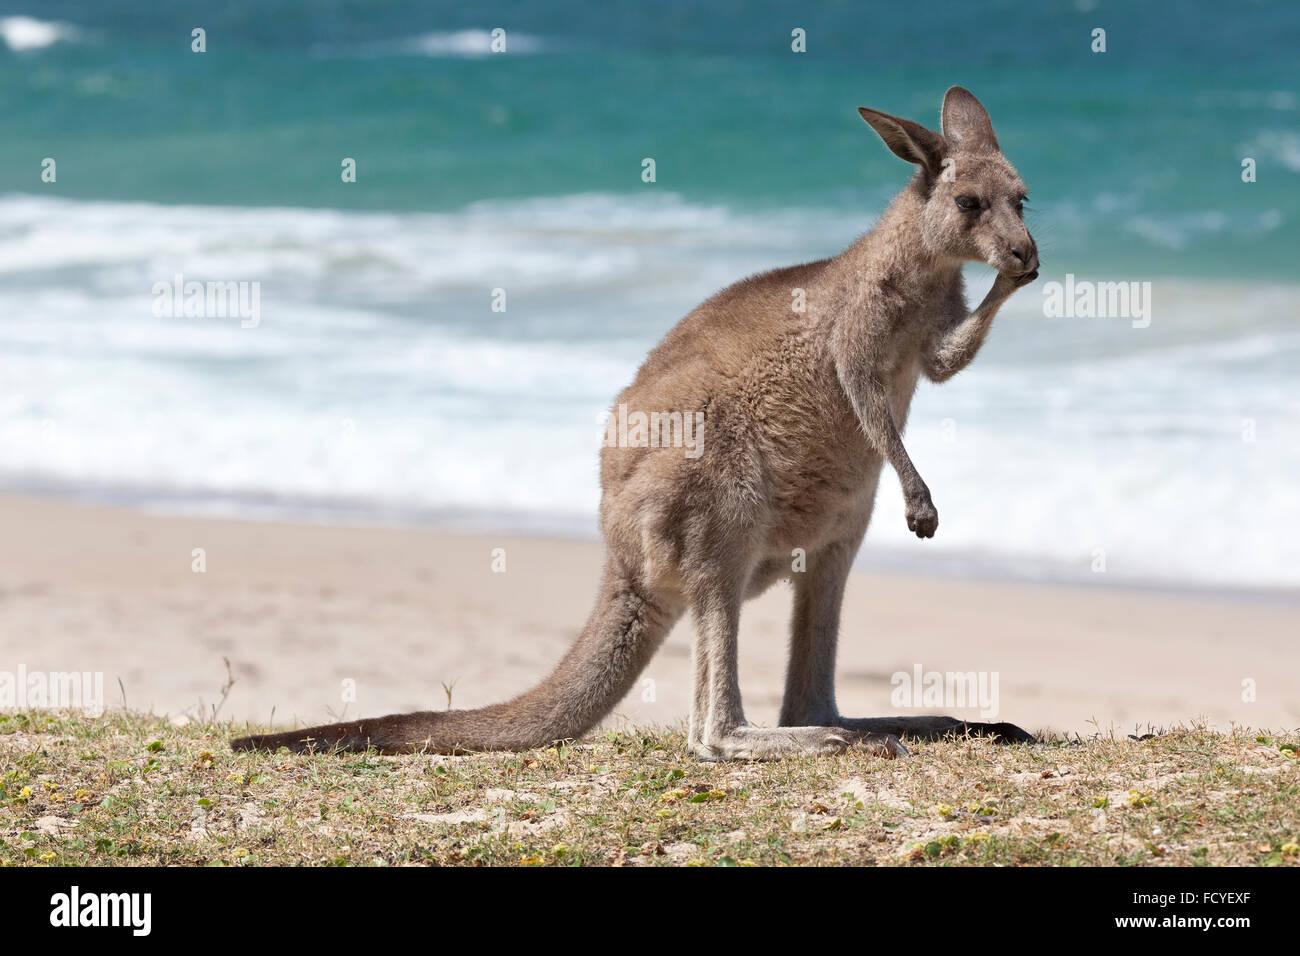 Canguro rosso sulla spiaggia, deposito di spiaggia, Nuovo Galles del Sud, Australia Immagini Stock